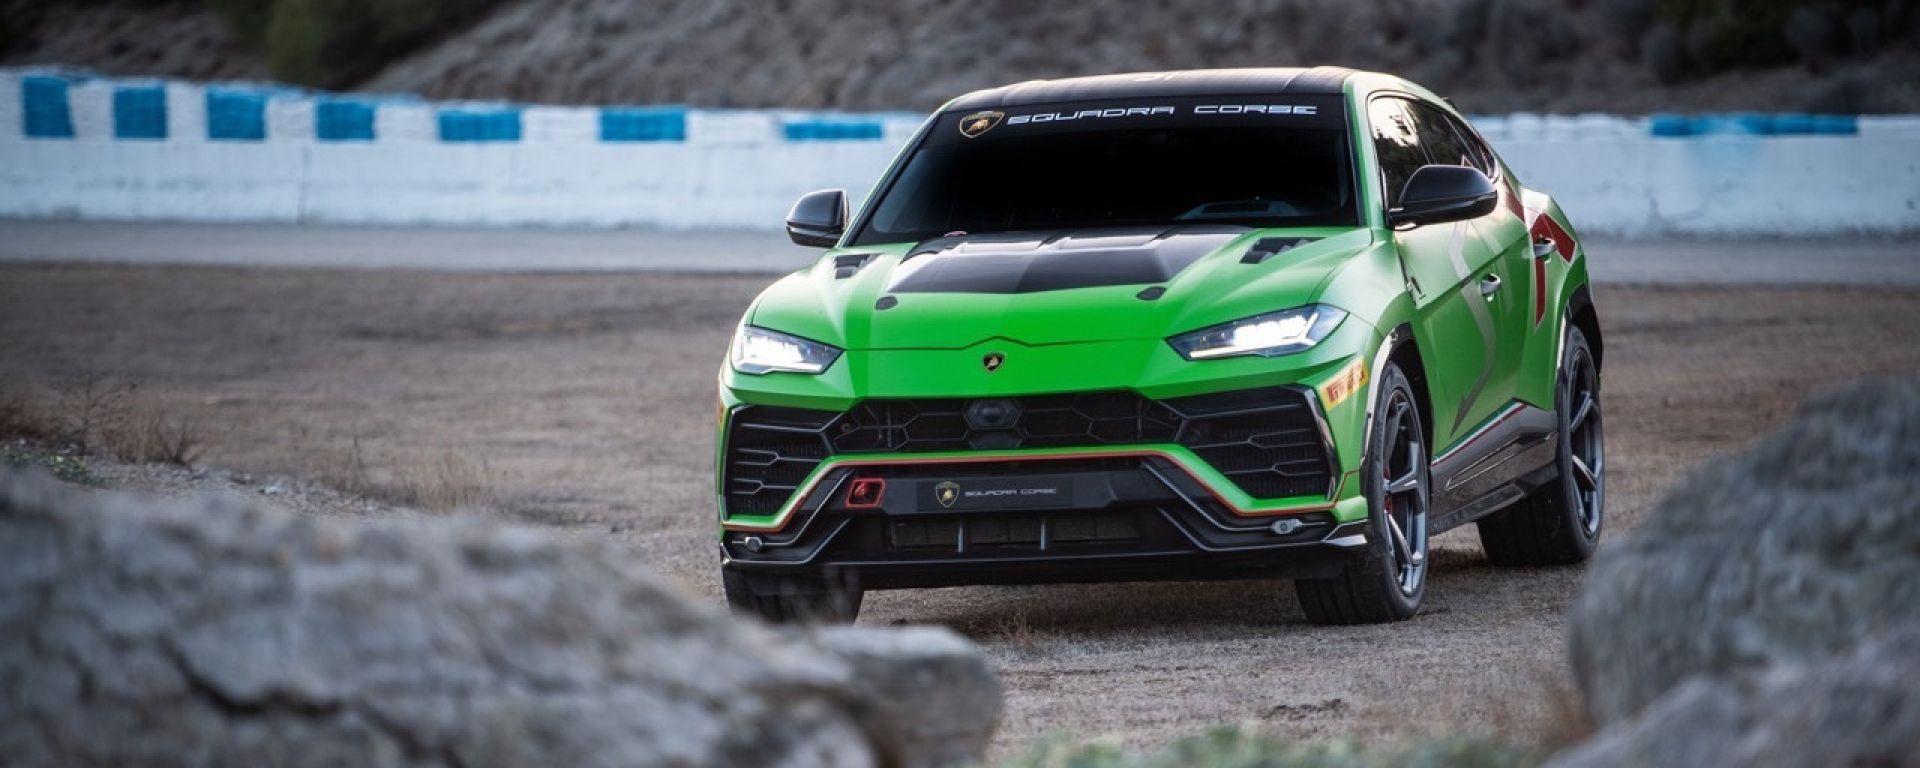 Lamborghini Urus ST-X: il super suv pronto per le gare